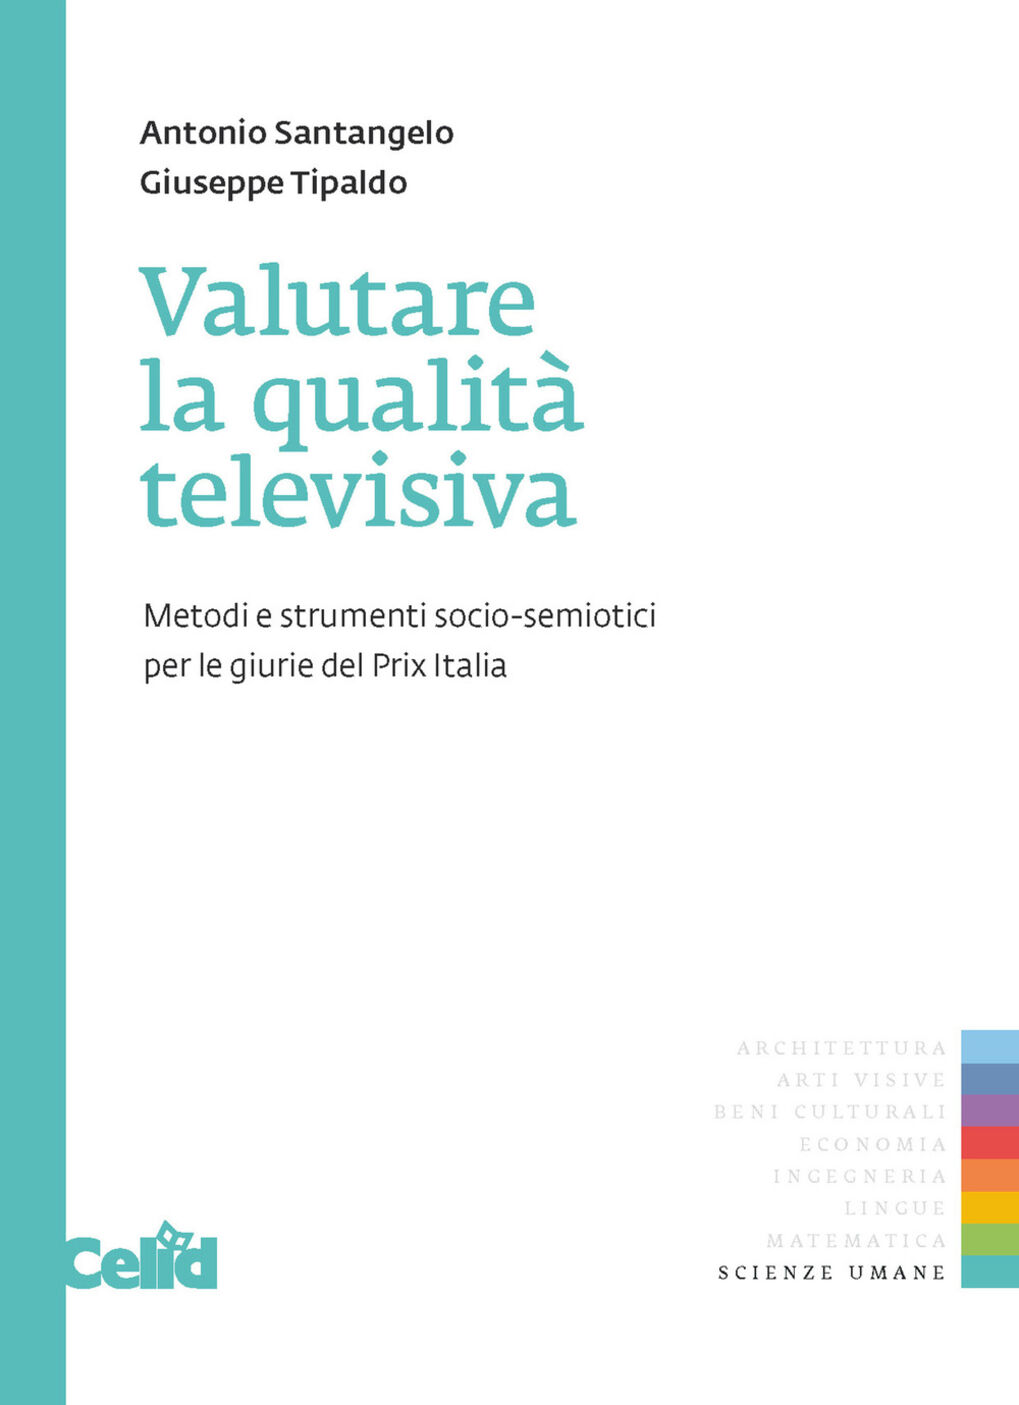 Valutare la qualità televisiva. Metodi e strumenti socio-semiotici perle giurie del Prix Italia